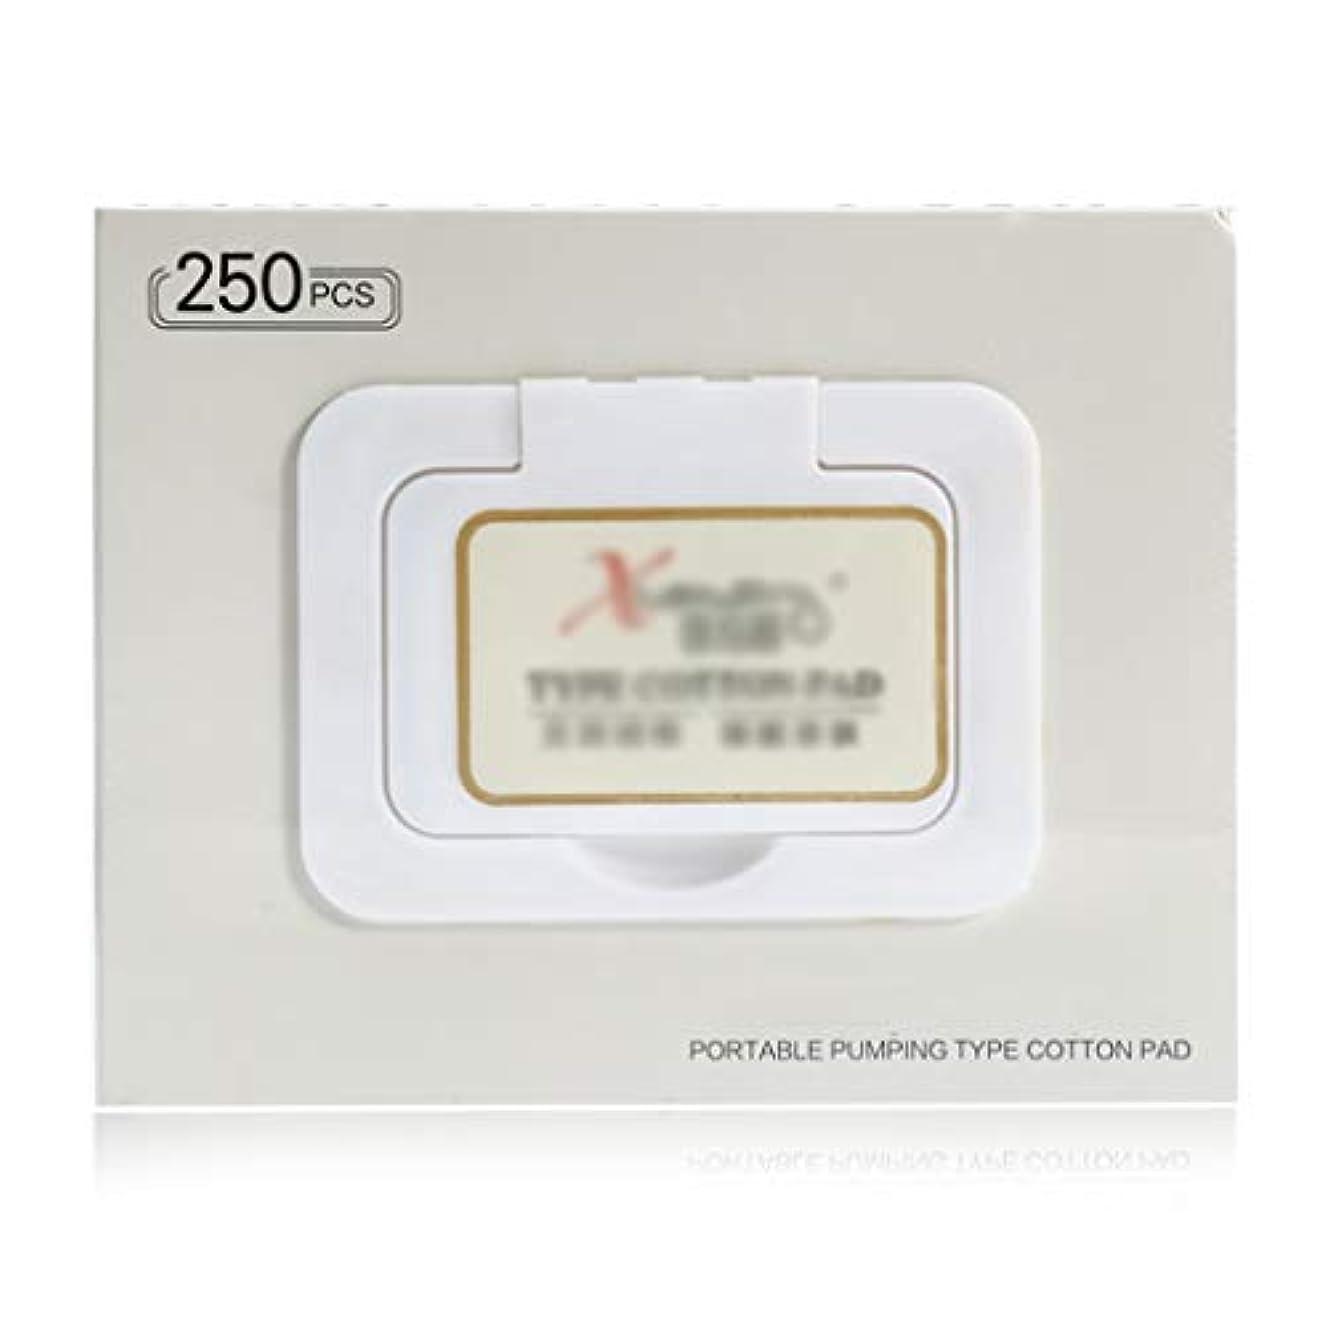 科学重要な役割を果たす、中心的な手段となるニコチンクレンジングシート 250ピース/箱化粧コットンパッド/リムーバーコットンフェイスワイプディープクレンジングコットンスキンケアフェイスウォッシュペーパー化粧品ツール (Color : White, サイズ : 5.7*11...